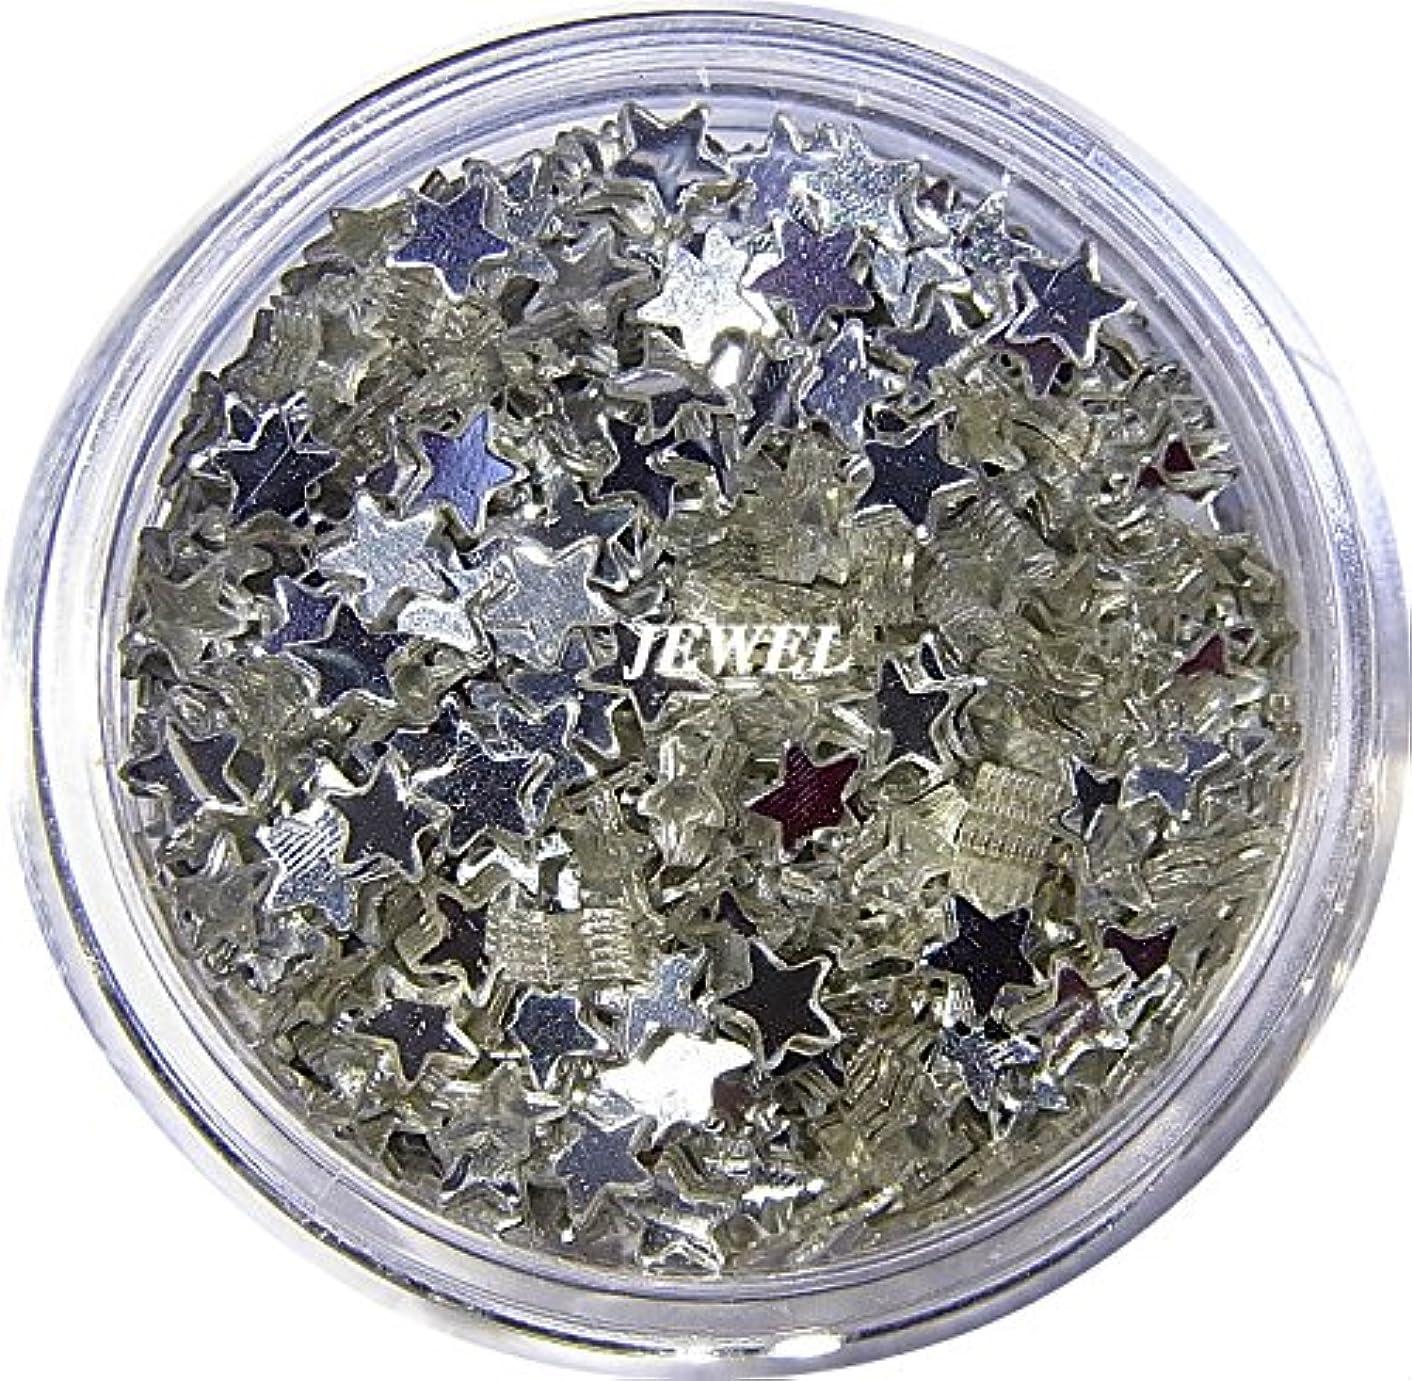 想定撤回するアラスカ【jewel】 星ホログラム 2.5mm シルバー スター 2g入り レジン&ネイル用